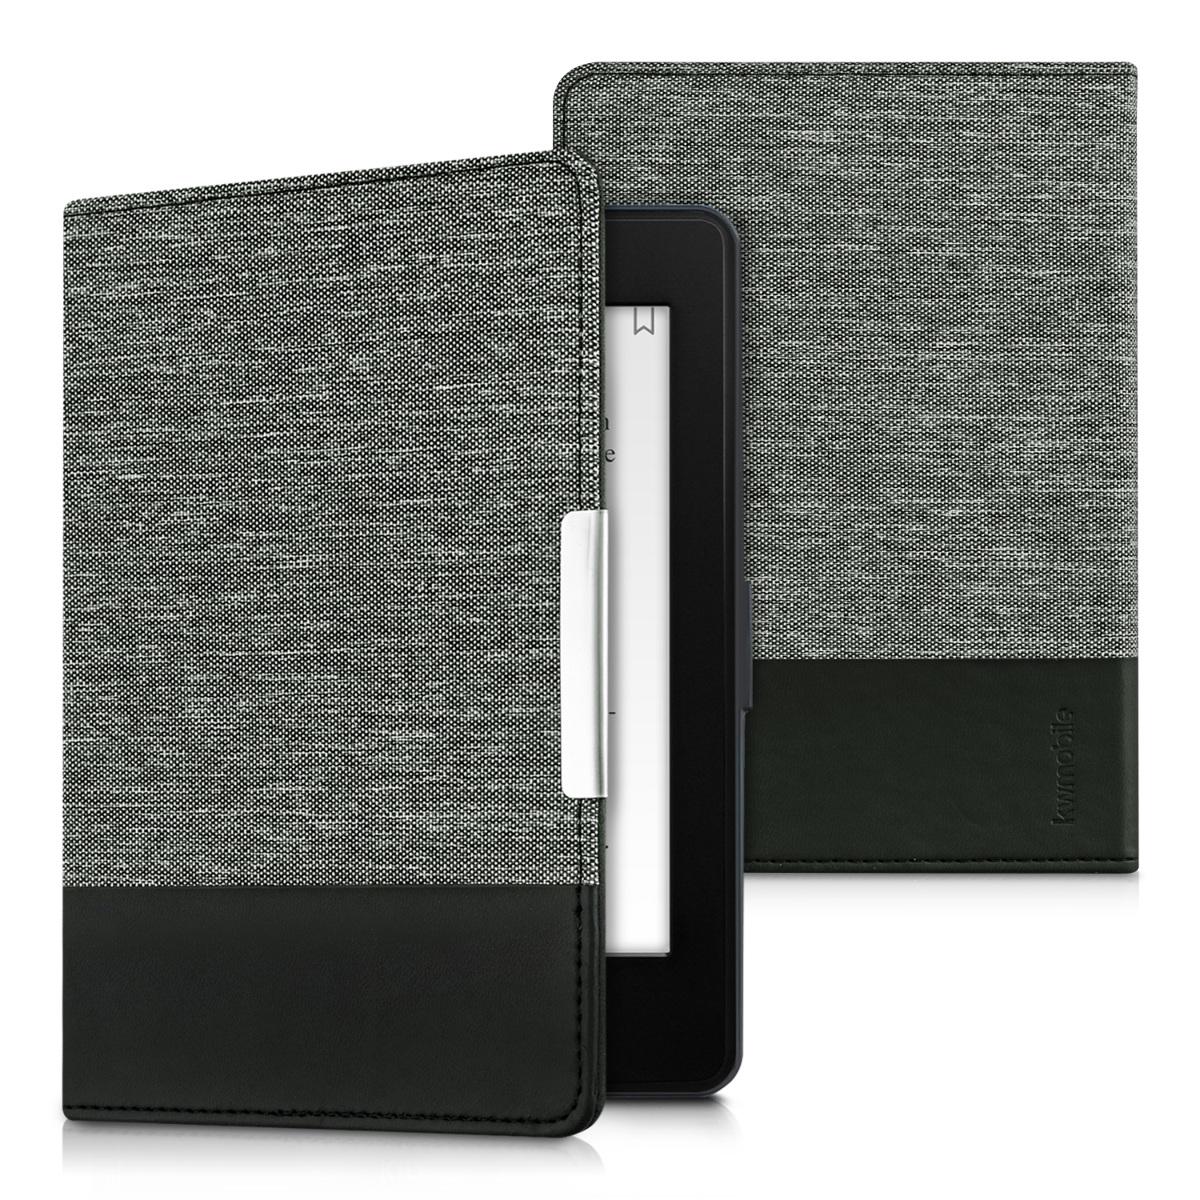 Kwmobile funda para amazon kindle paperwhite e book cubierta protecci n - Kindle funda ...